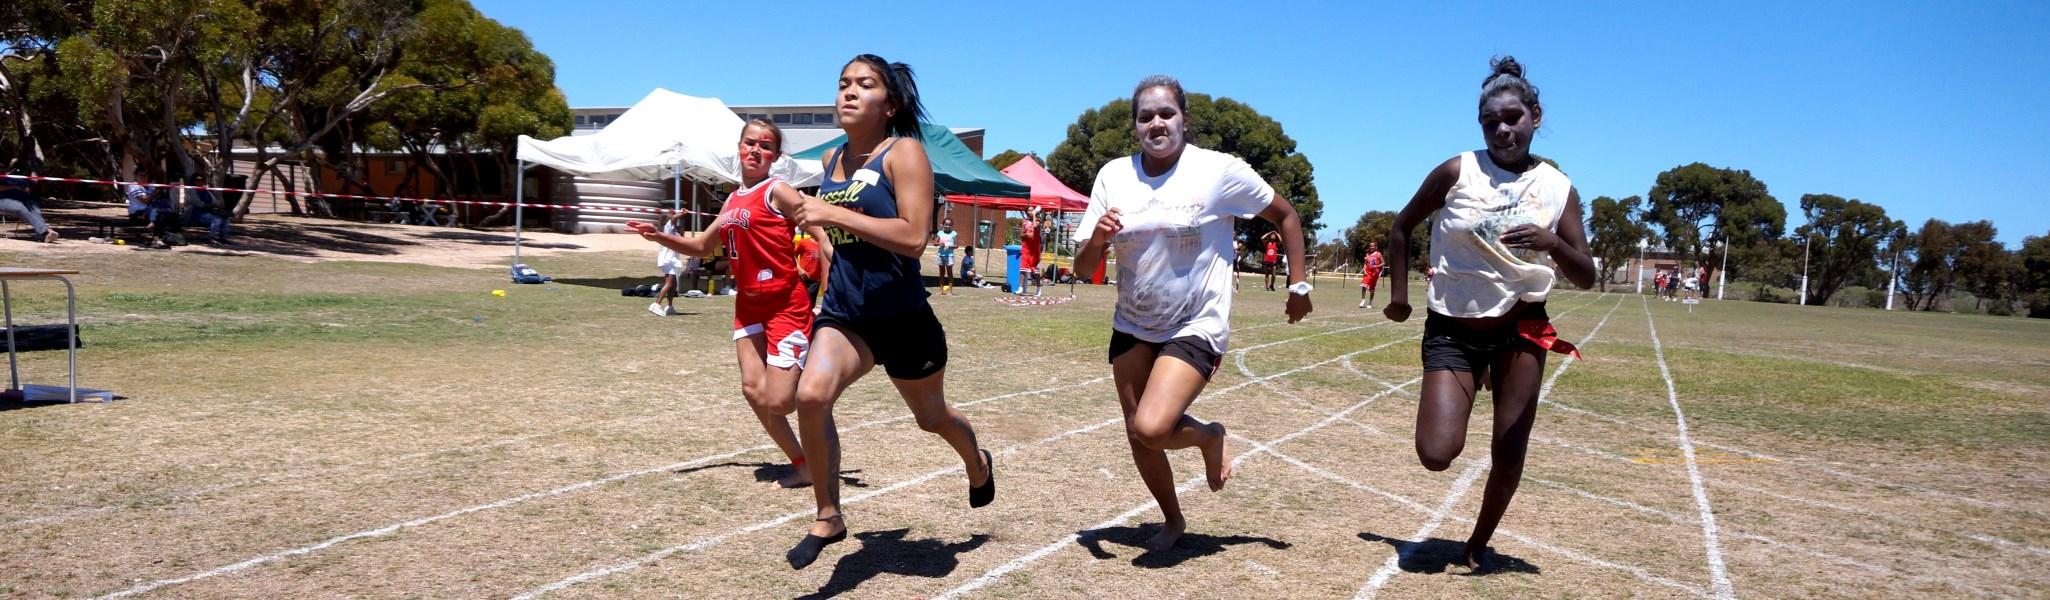 2016 sportsday_running 1200